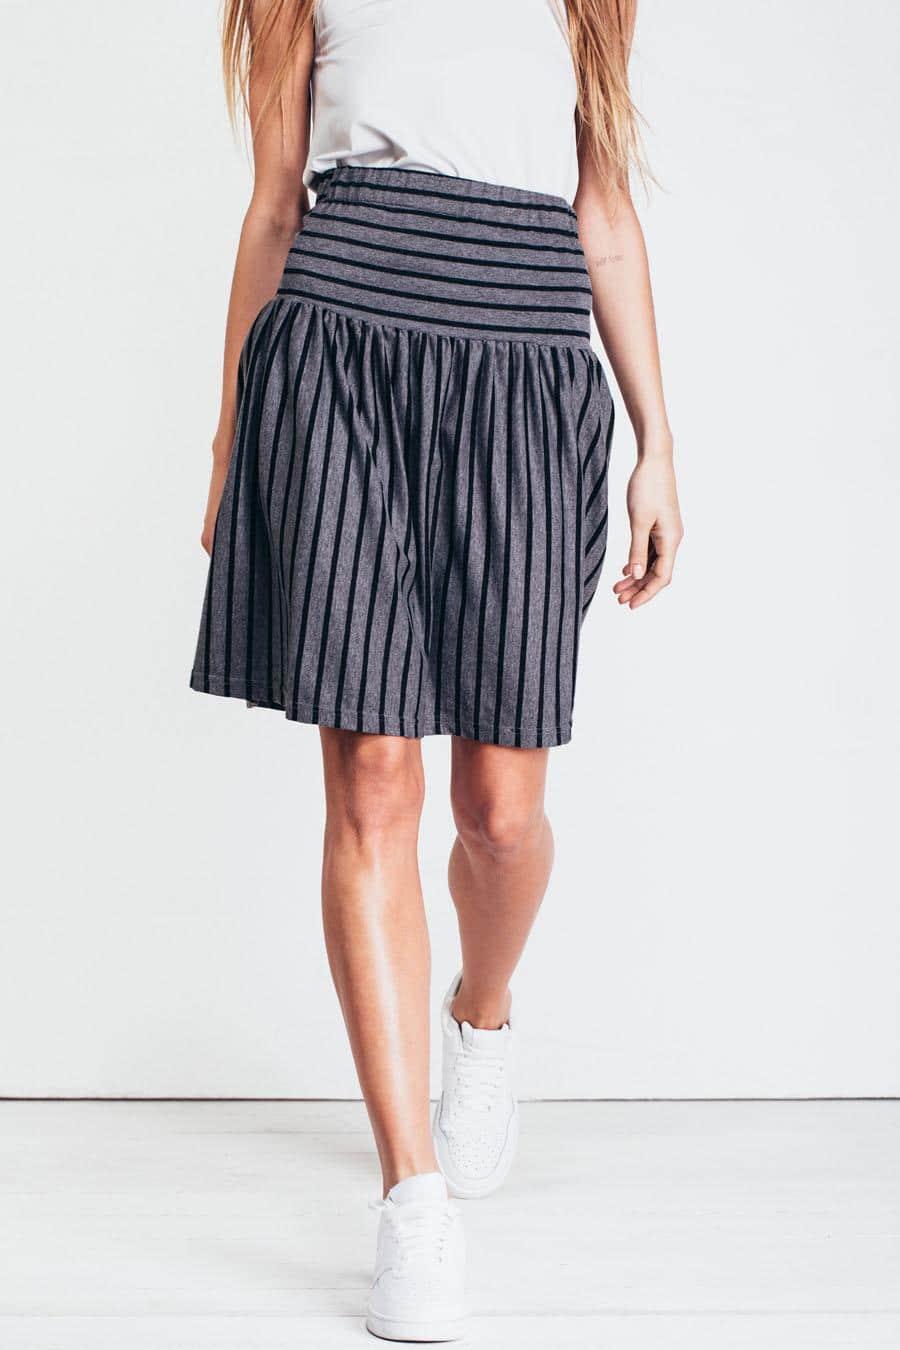 jagger zenska suknja kolekcija prolece leto 2021 ss 2021 kupi online jg 5512 19 1